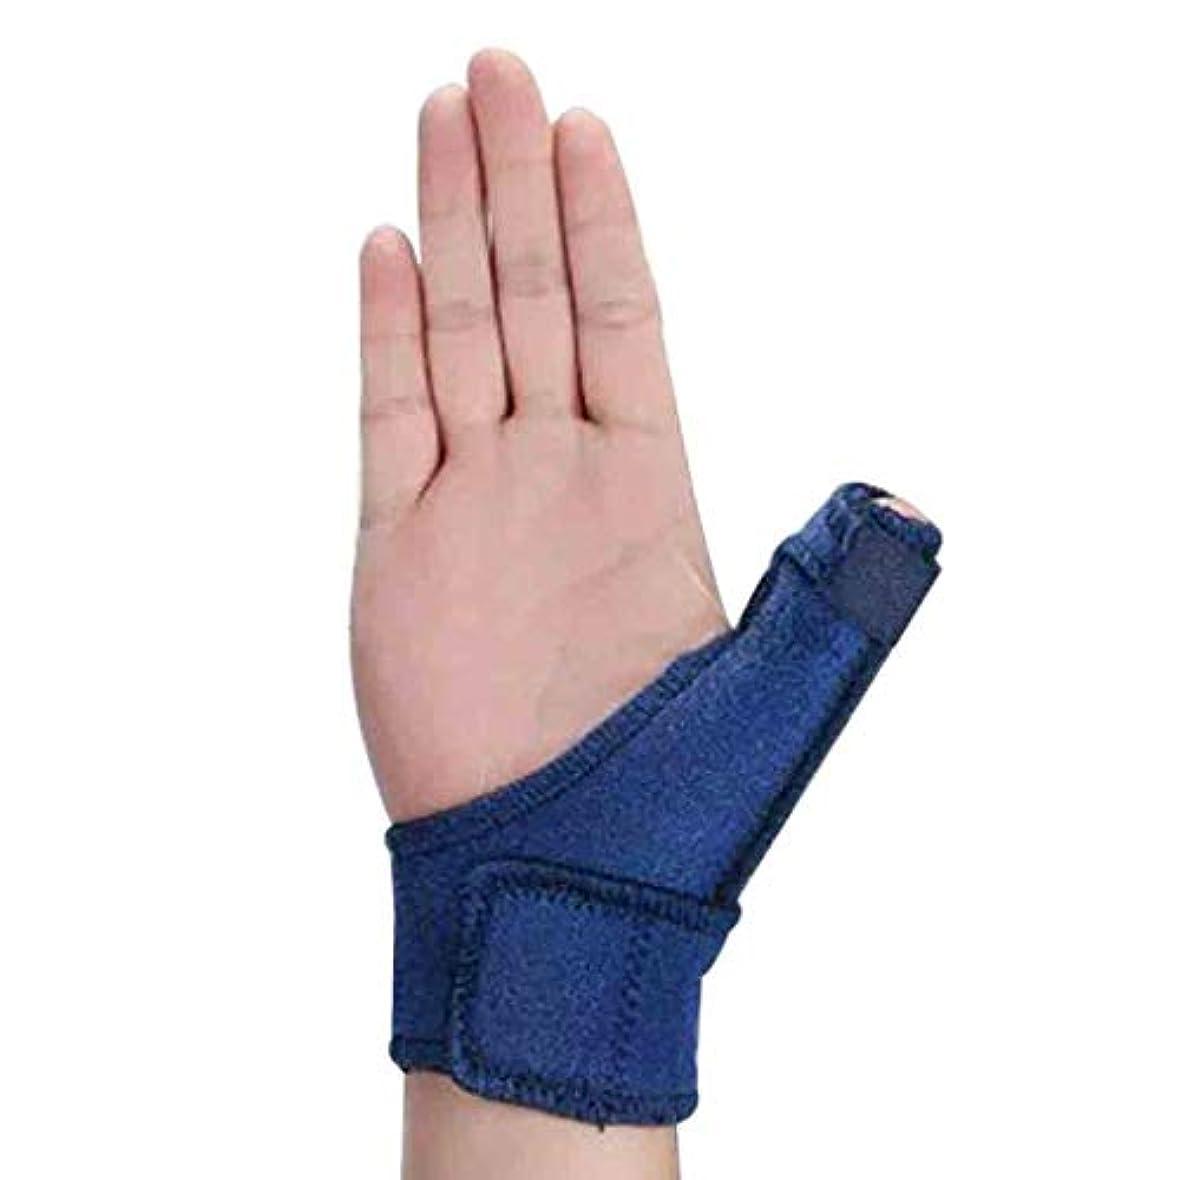 モニター寛大な広範囲トリガーのための調節可能な親指スプリント親指リストストラップブレース親指スプリント親指関節炎痛み緩和ブレース(1個、ユニセックス、左&右の手青) Roscloud@